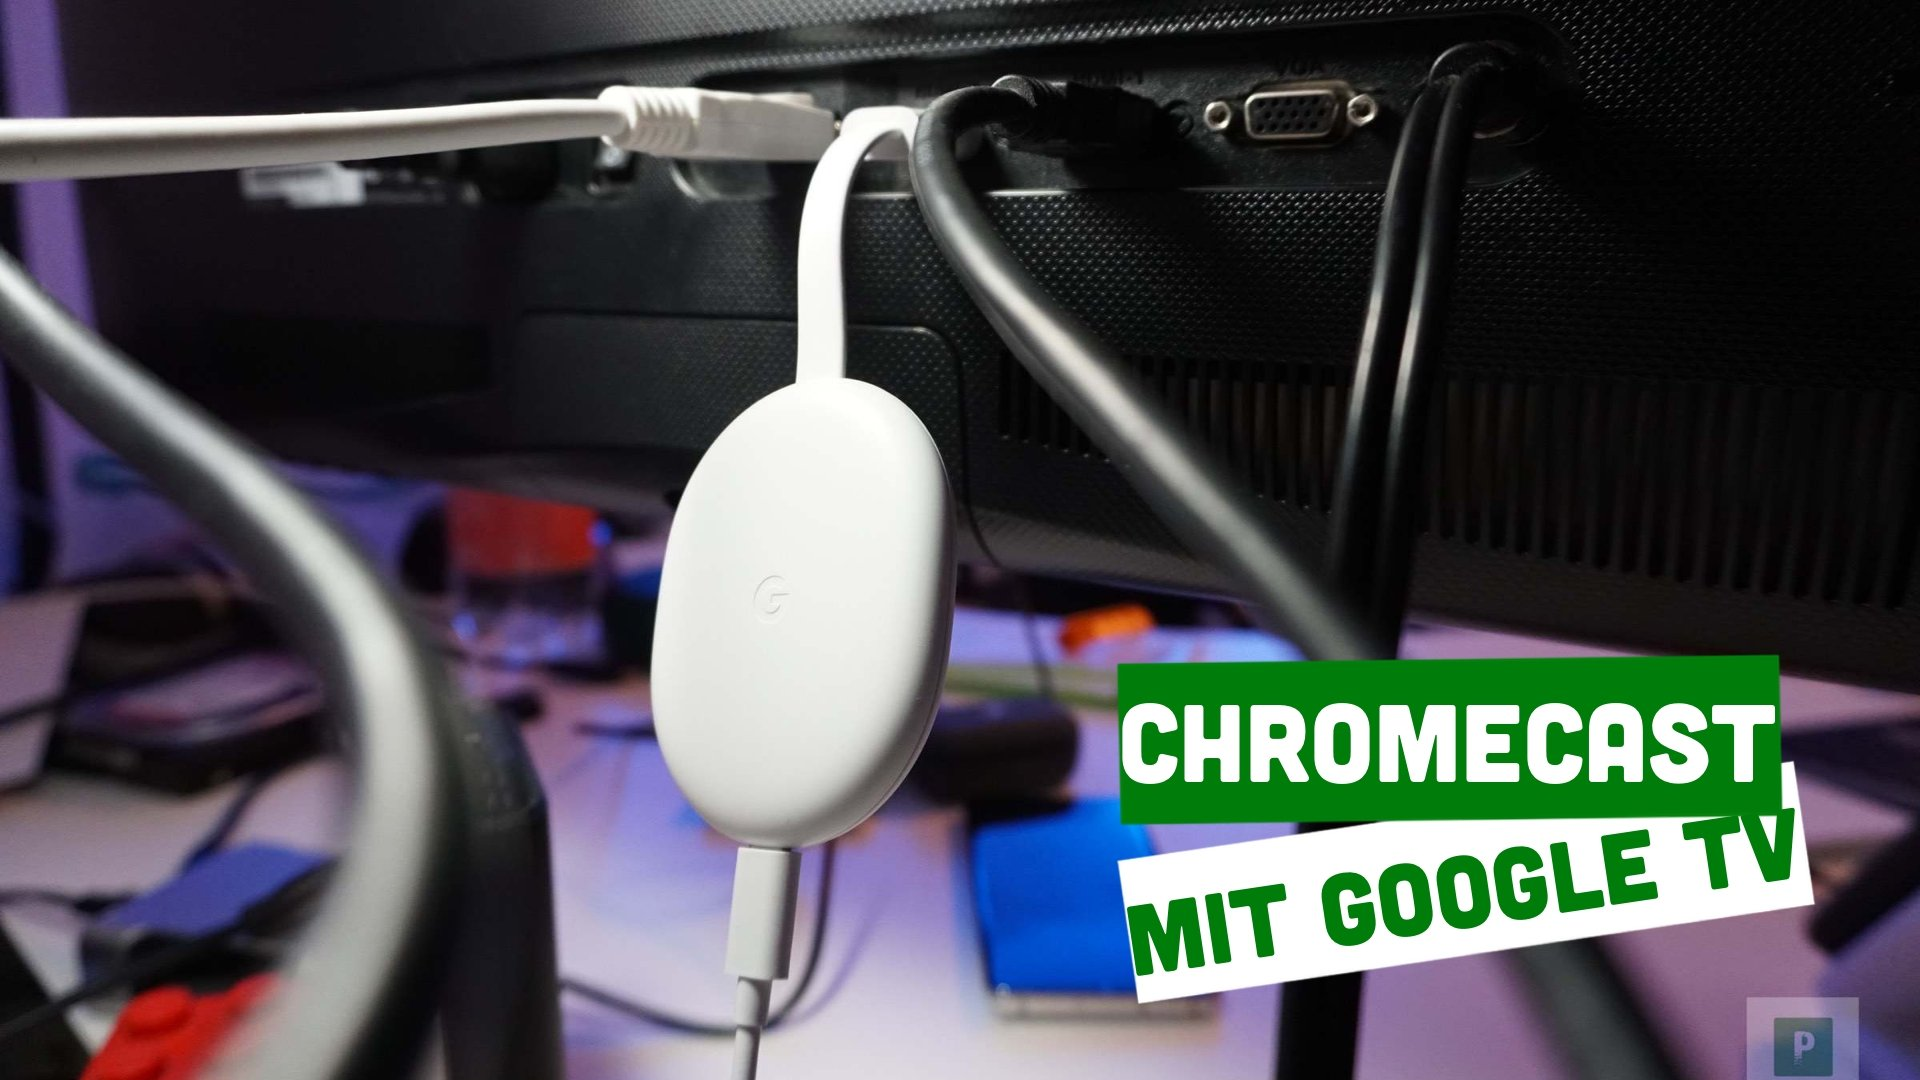 Google Chromecast mit Google TV – Googles neuer Versuch am Fernseher